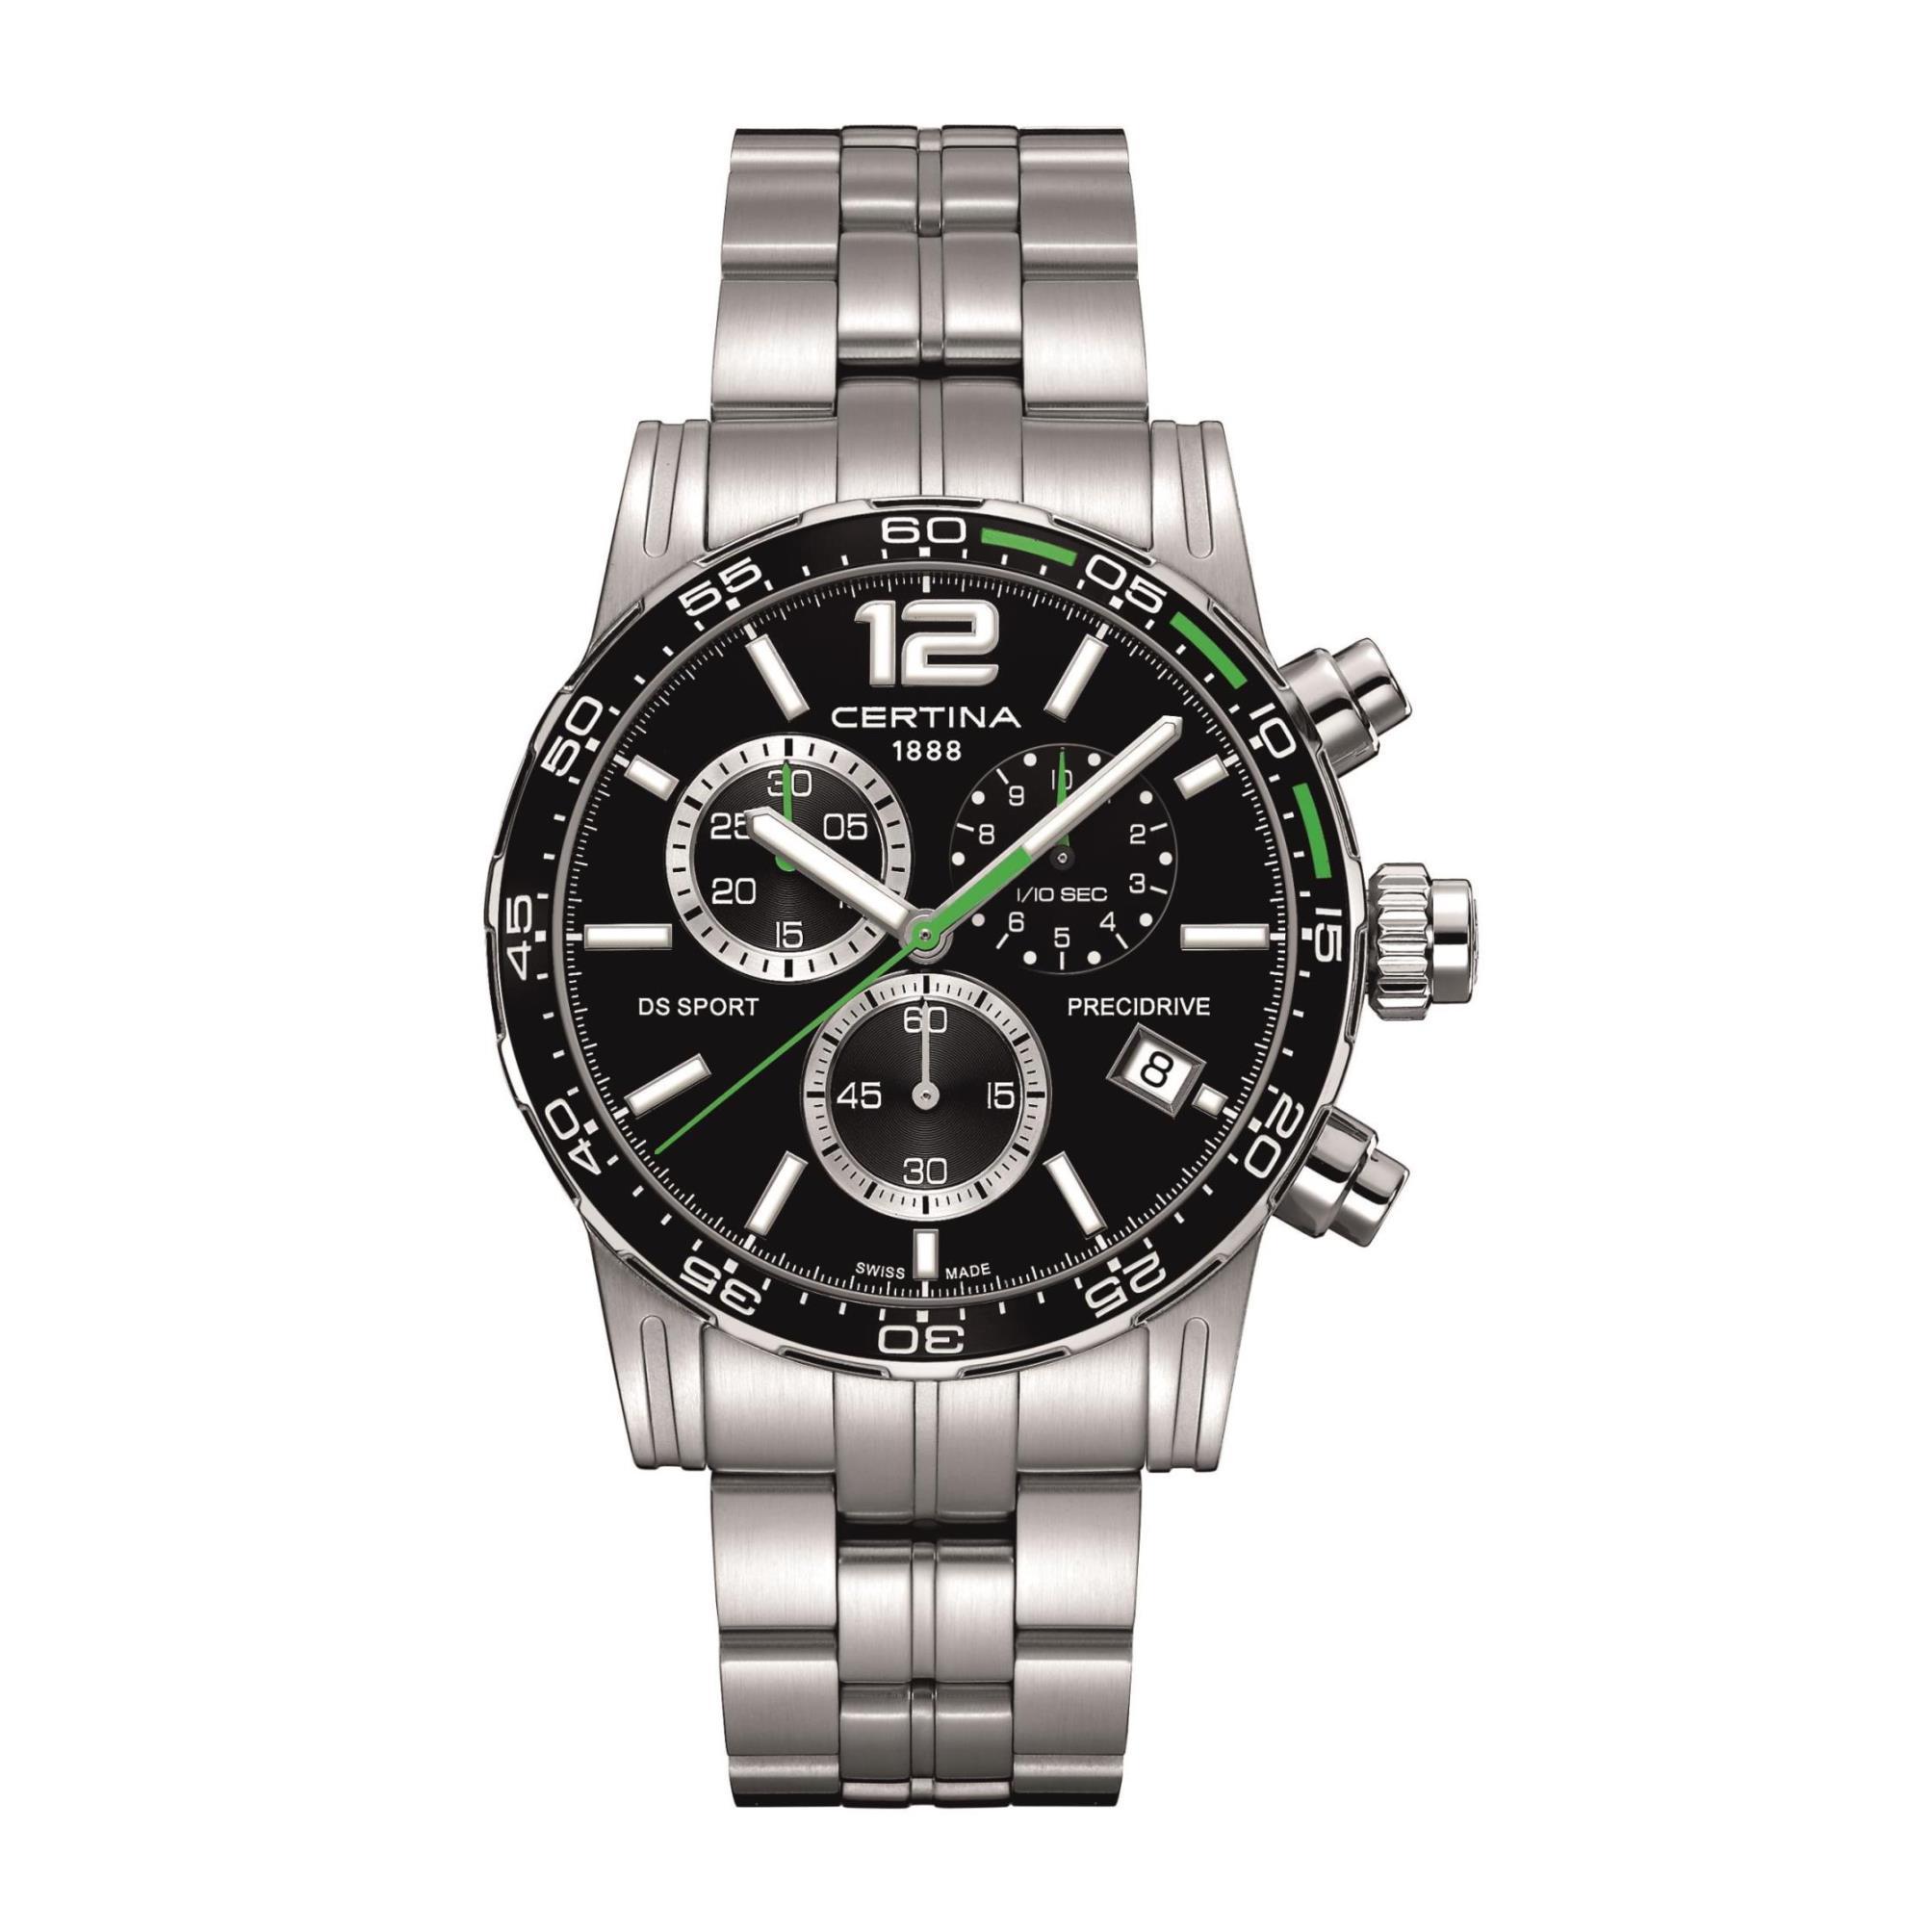 1d2af4dad6e Pánske hodinky Certina C027.417.11.057.01 - Glami.sk